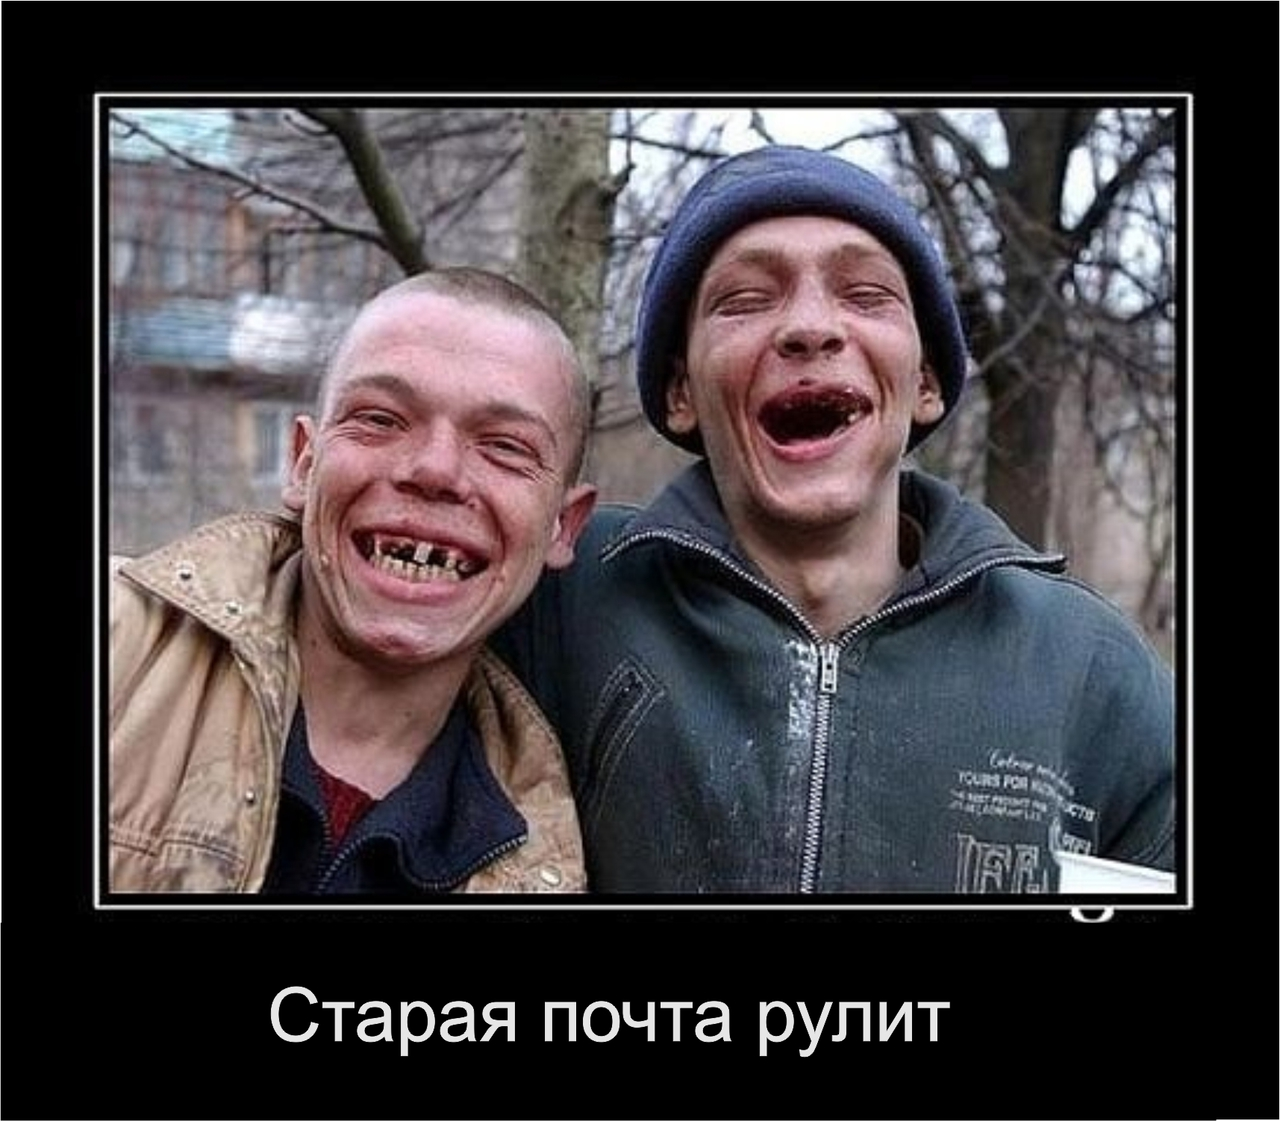 Русскую пьяную куда хотят 17 фотография